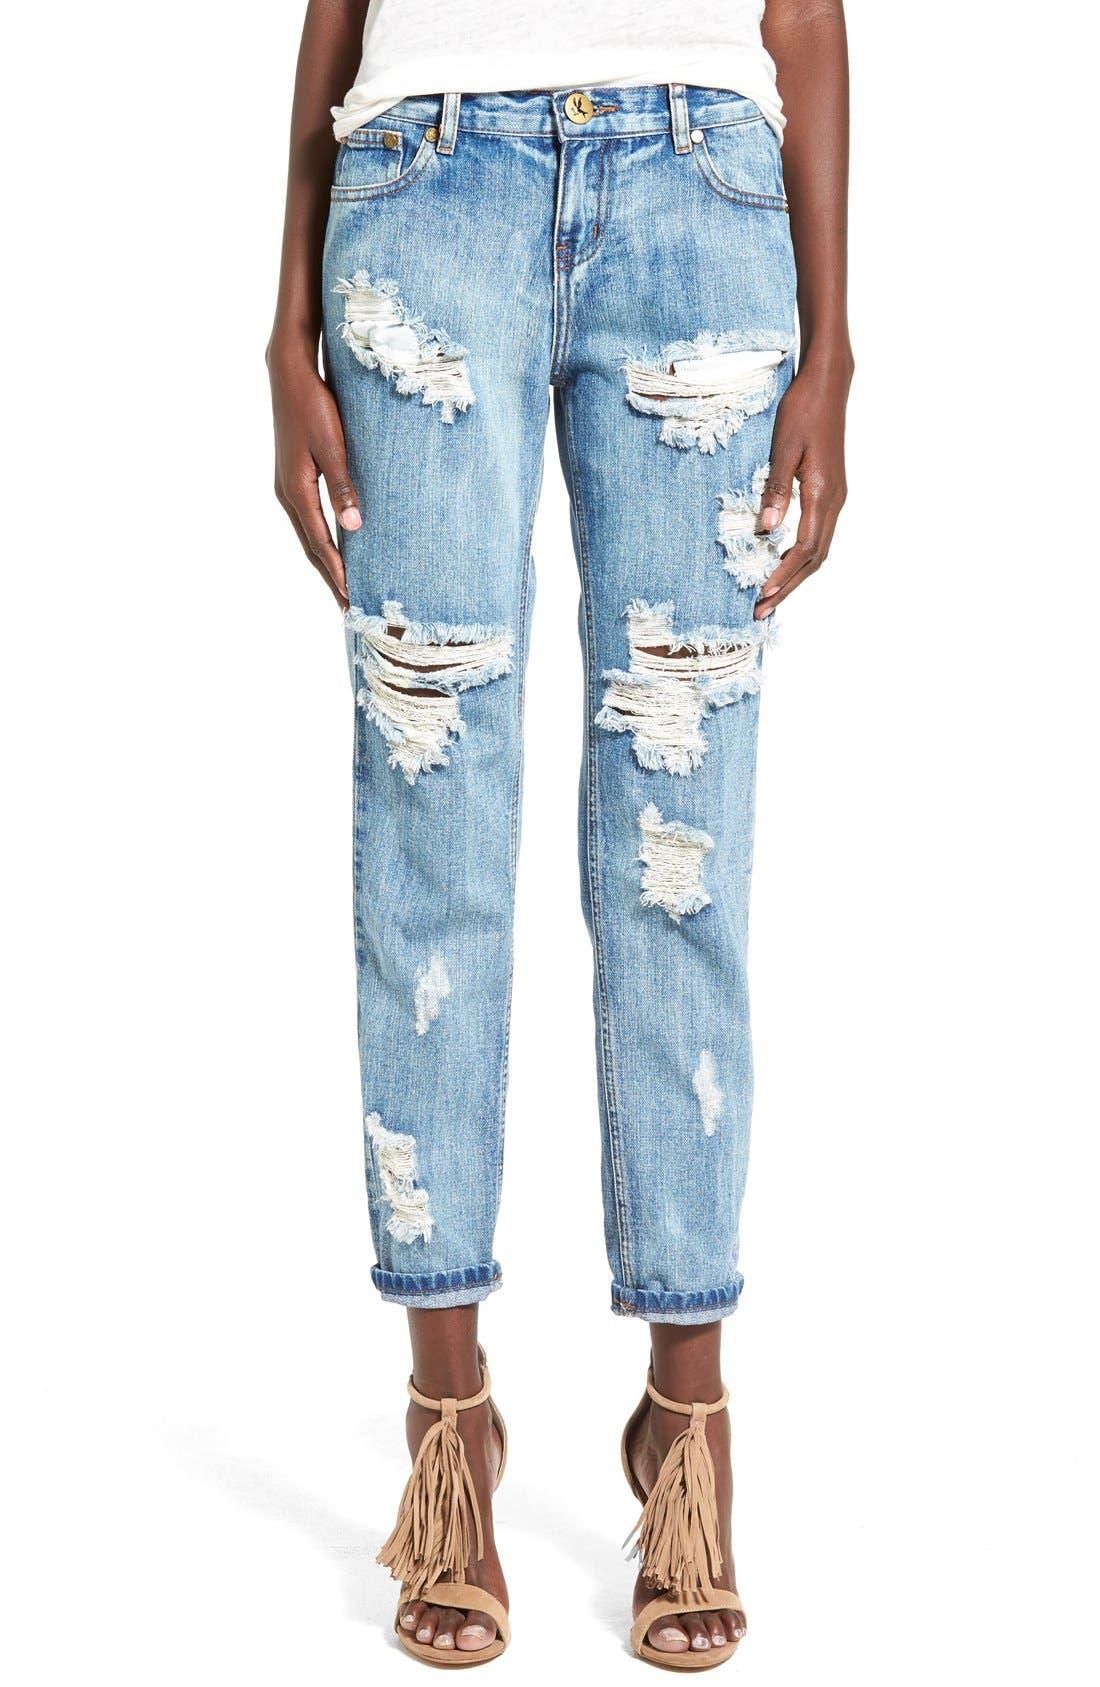 Alternate Image 1 Selected - One Teaspoon 'Awesome Baggies' CropBoyfriend Jeans